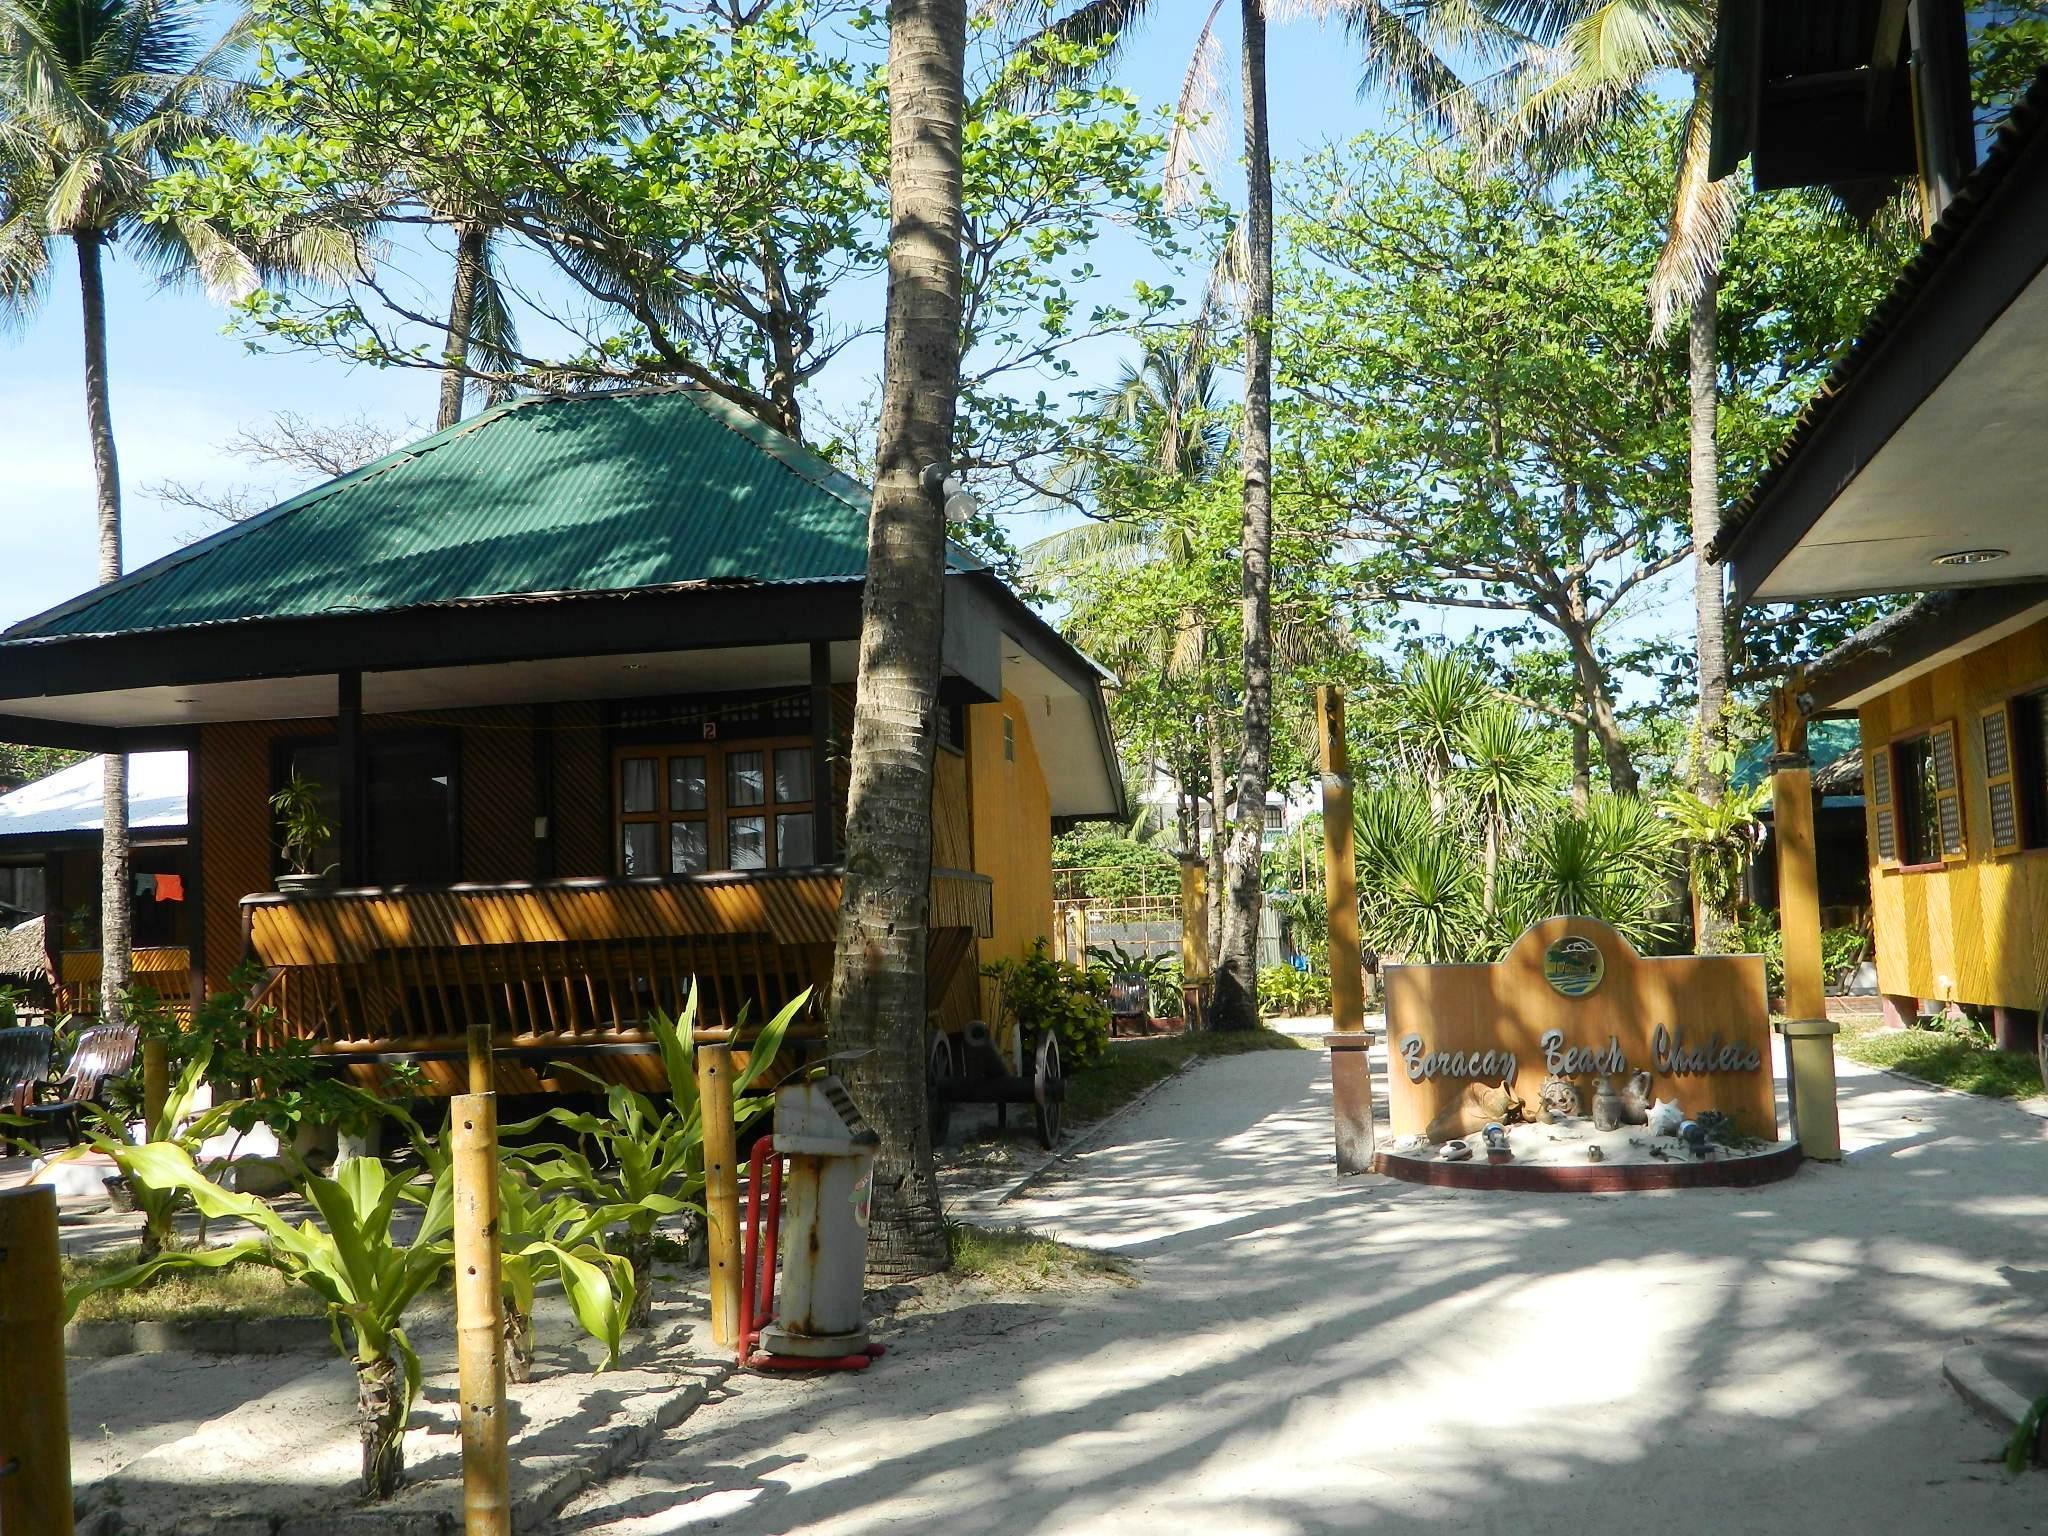 Boracay Beach Chalets Hotel